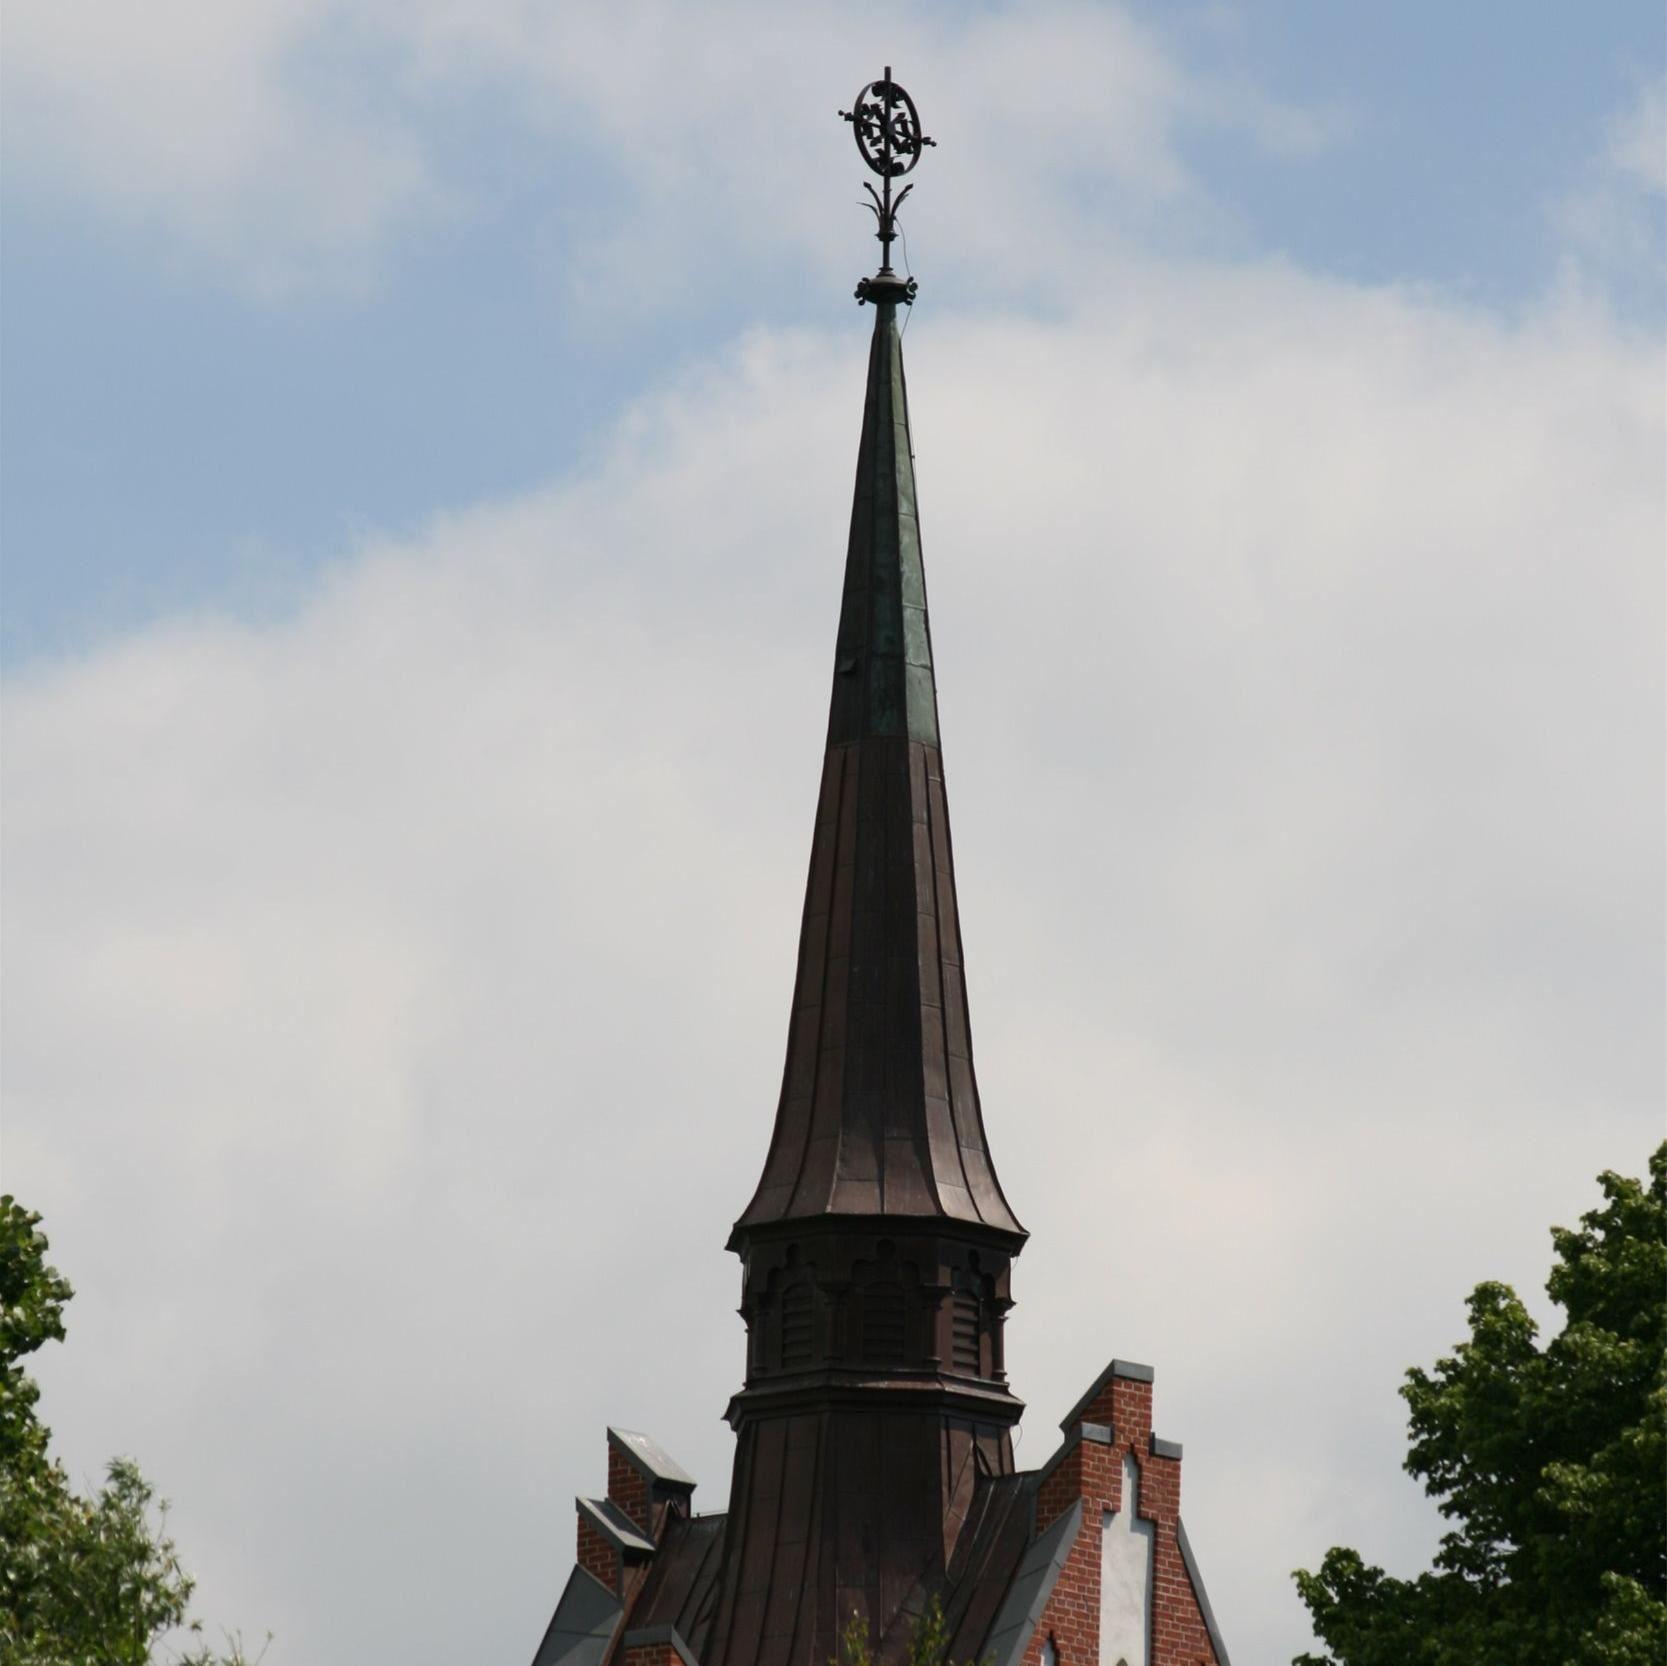 © Kävlinge kommun, Korsbackakyrkans tornspira